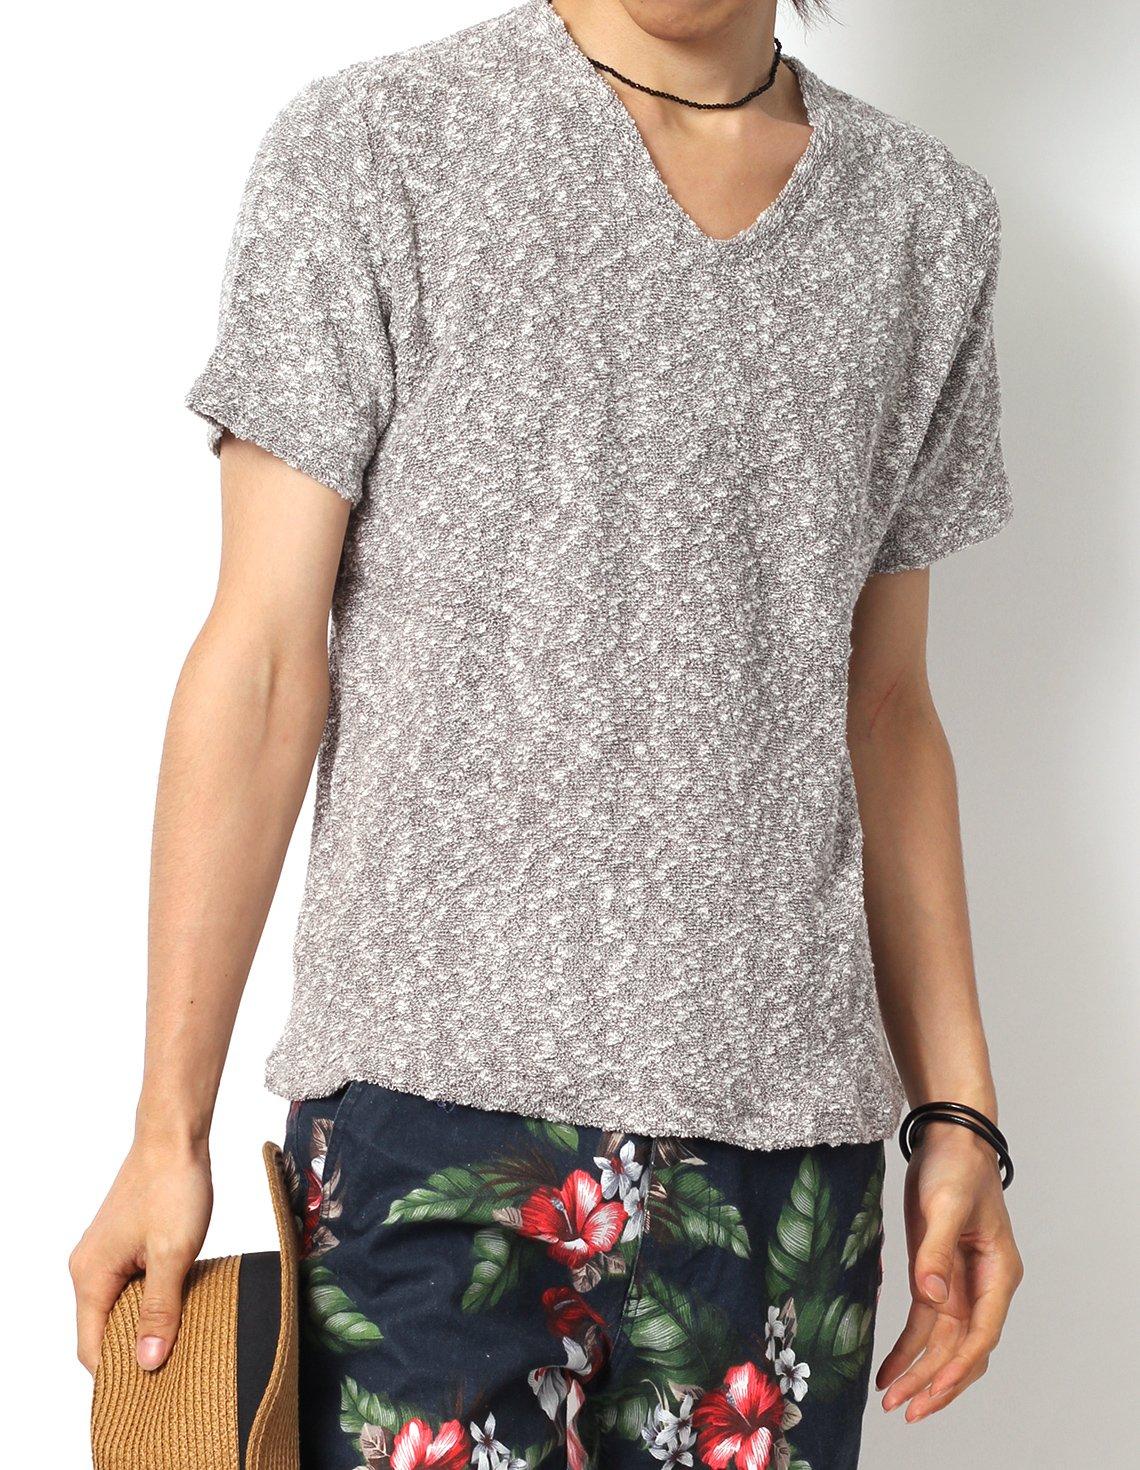 (リピード) REPIDO Tシャツ カットソー メンズ 夏 半袖 Vネック 無地 ニットソー サマーニット ニット 半袖ニット 杢 薄手